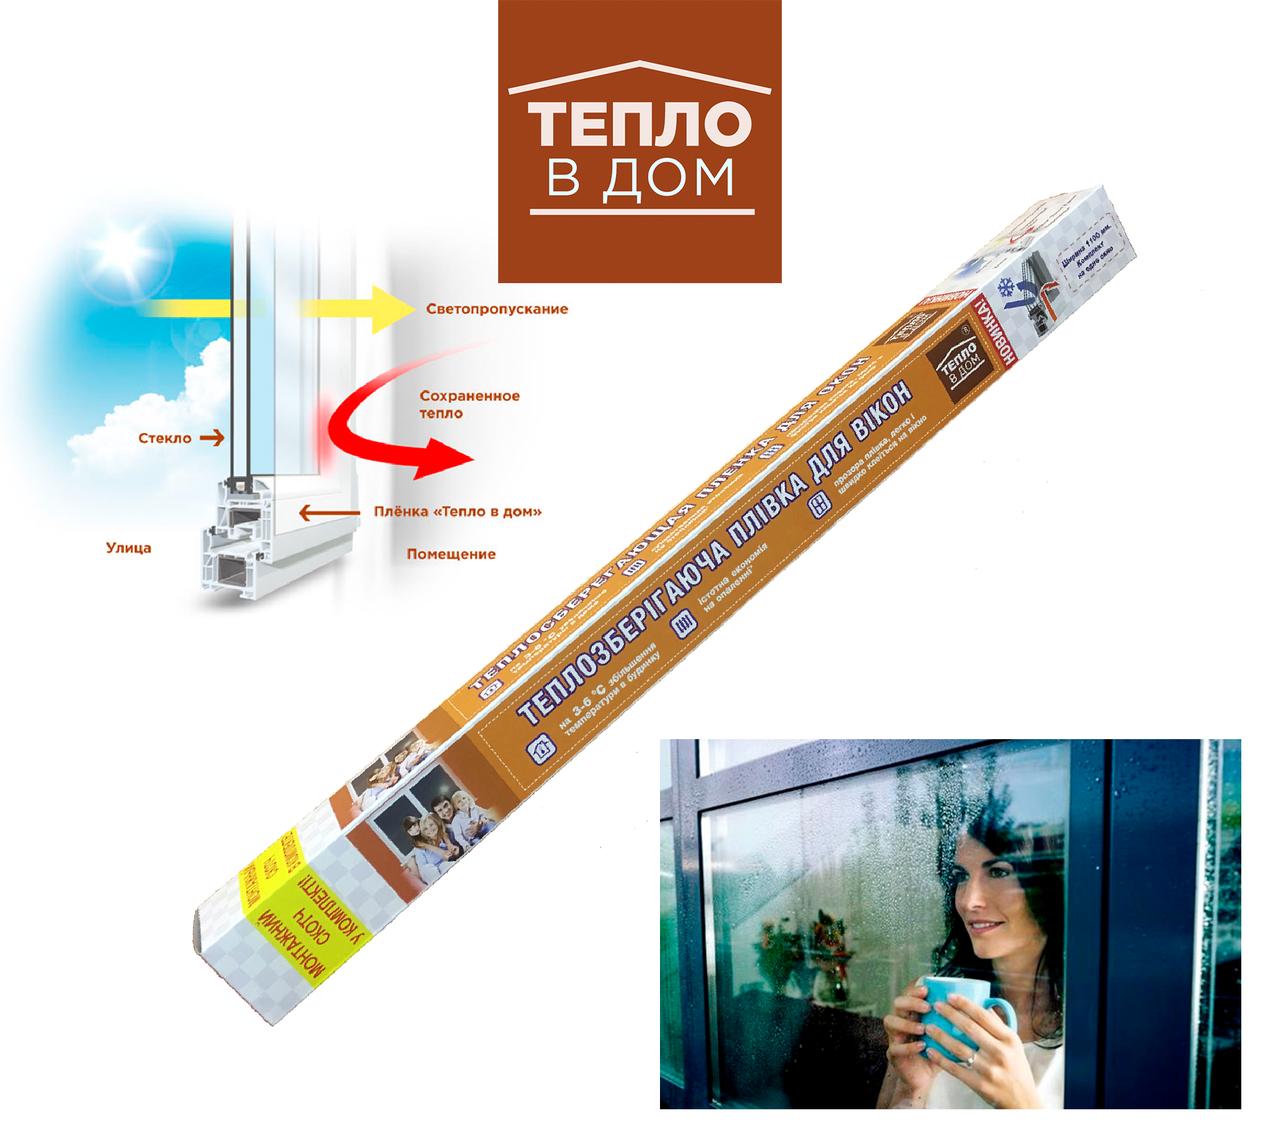 Теплосберегающая плёнка 1,1 х 2,2 м. для утепления окон ТЕПЛО В ДОМ (третье стекло)